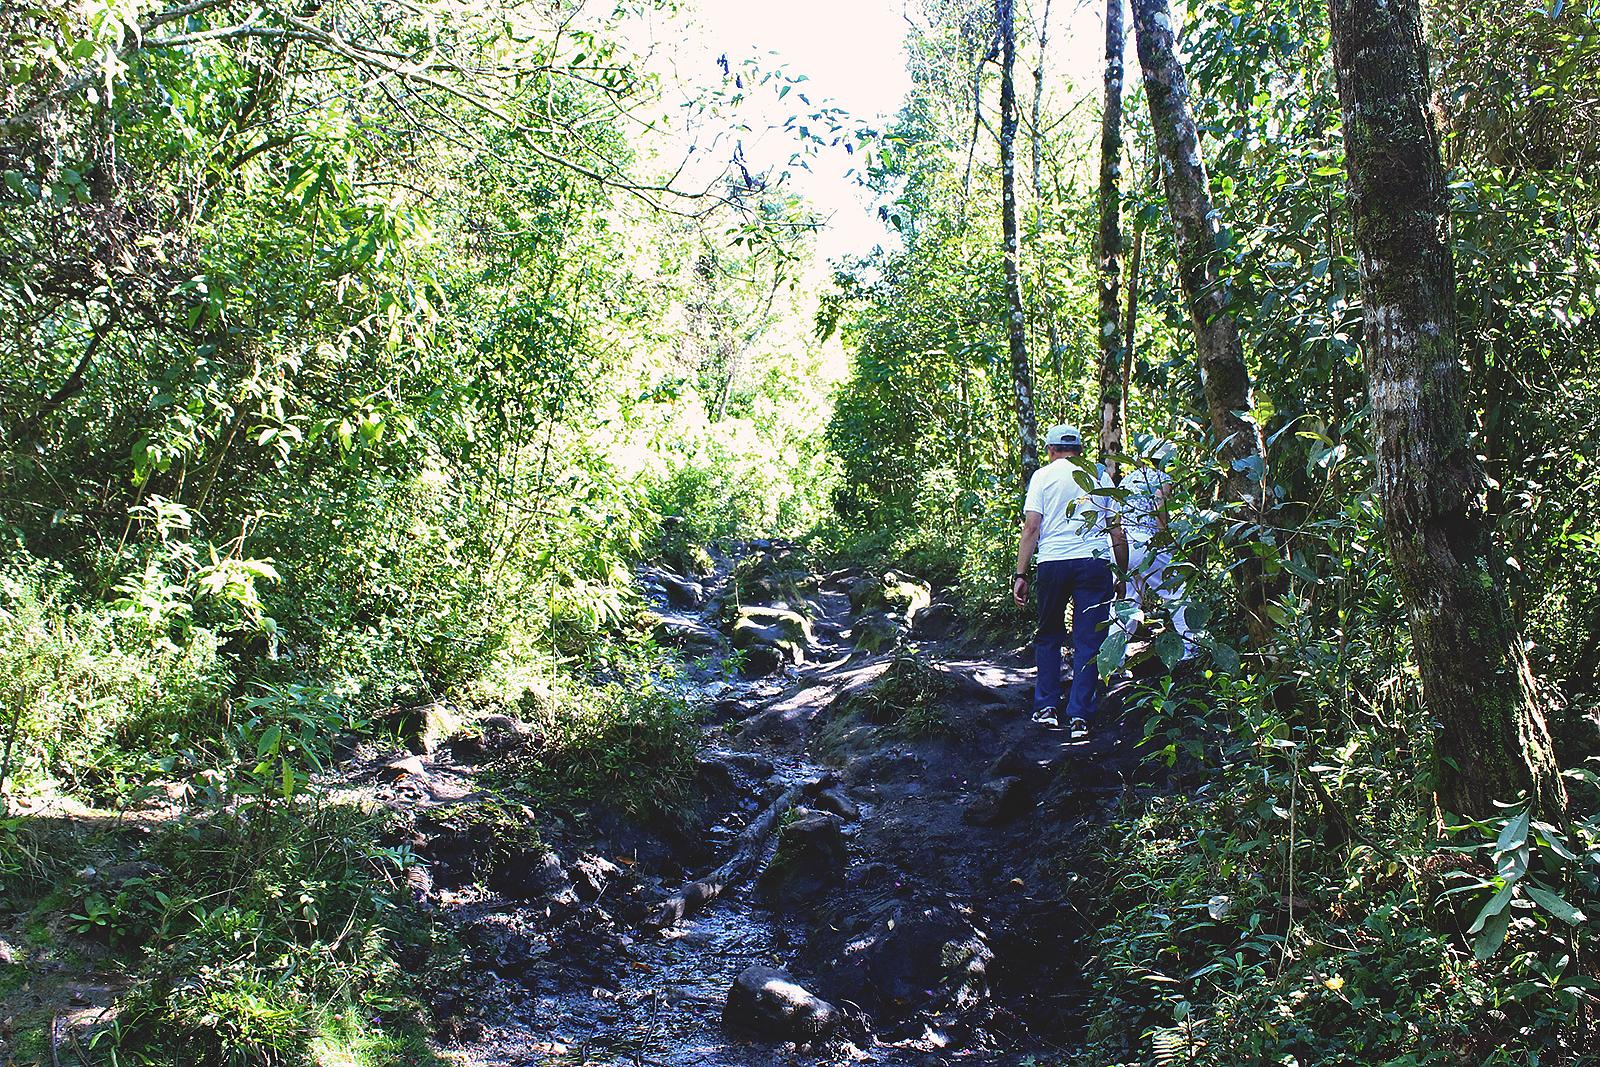 trilha mata pedras subida monte verde